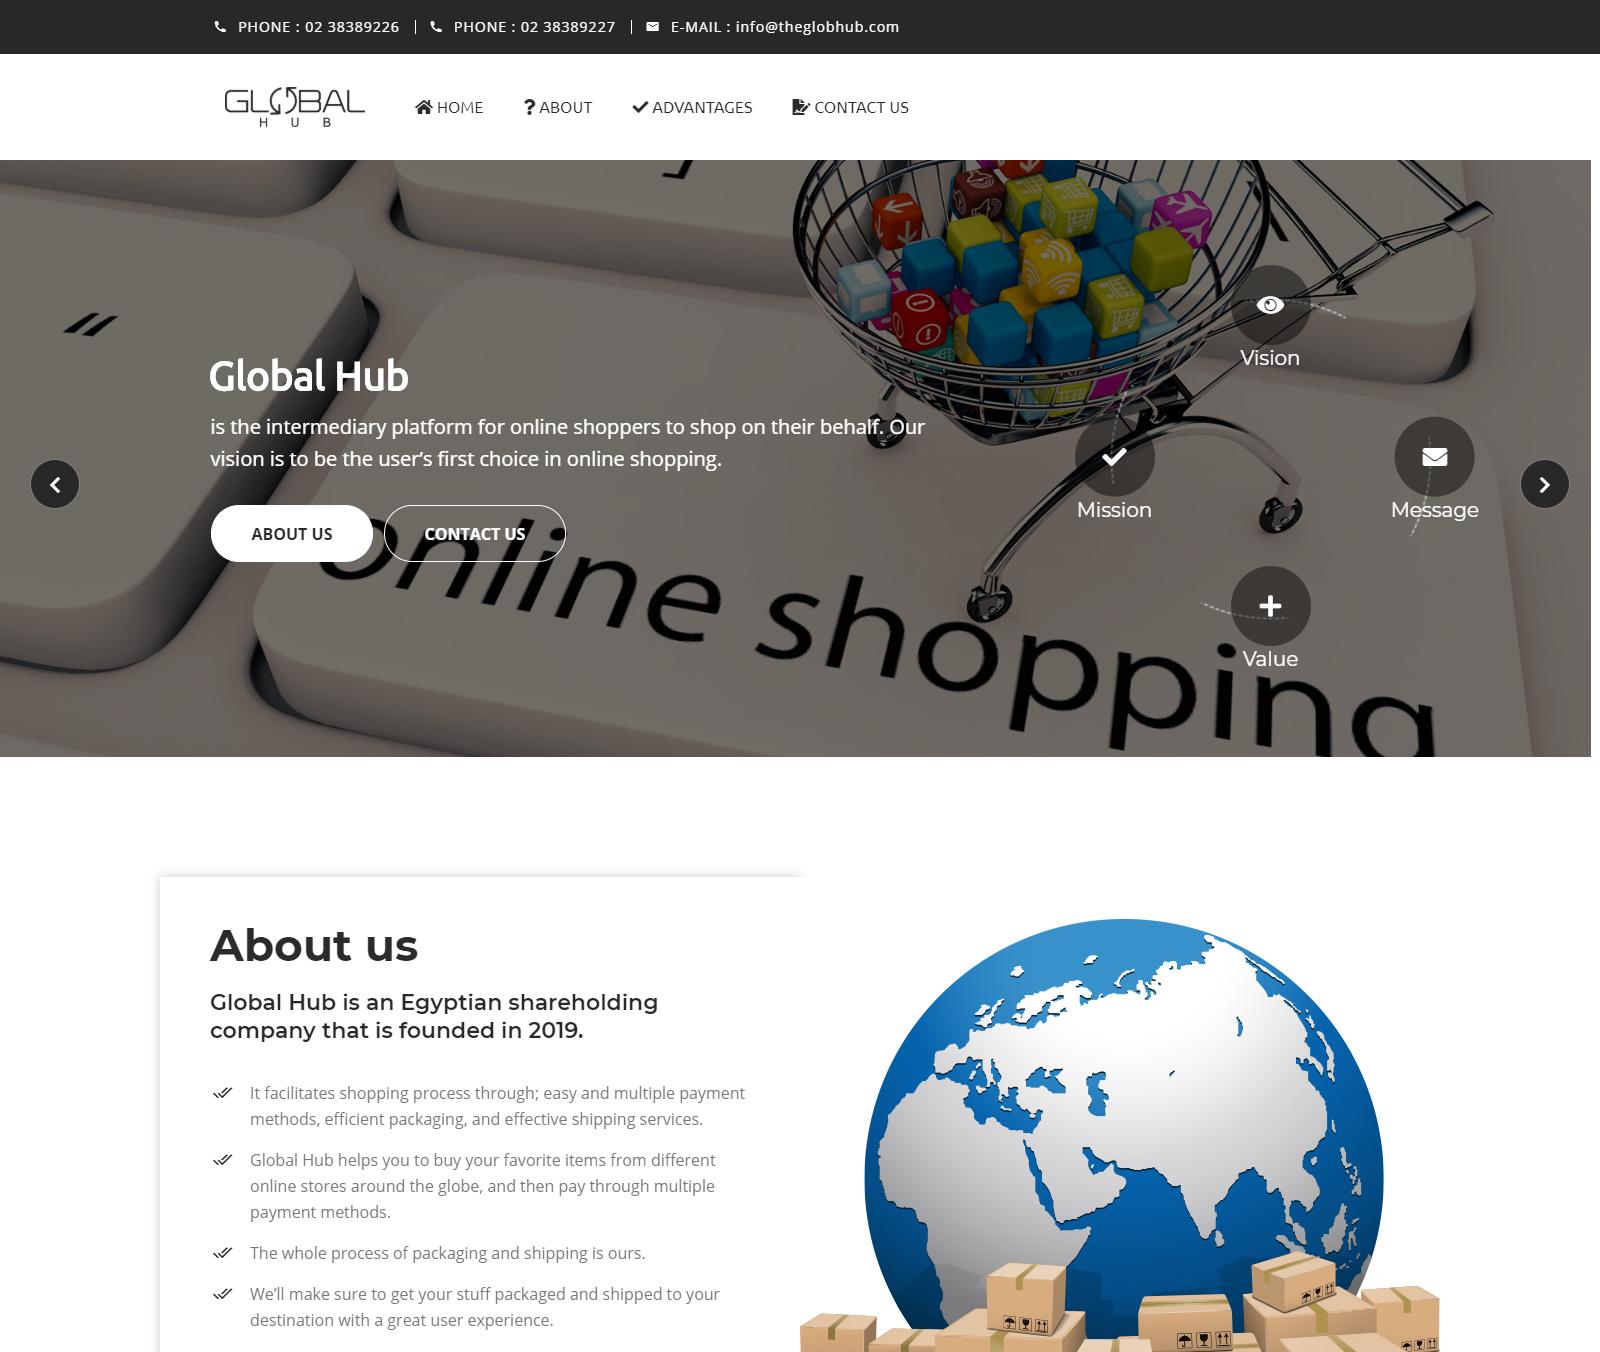 The Global Hub - Landing Page